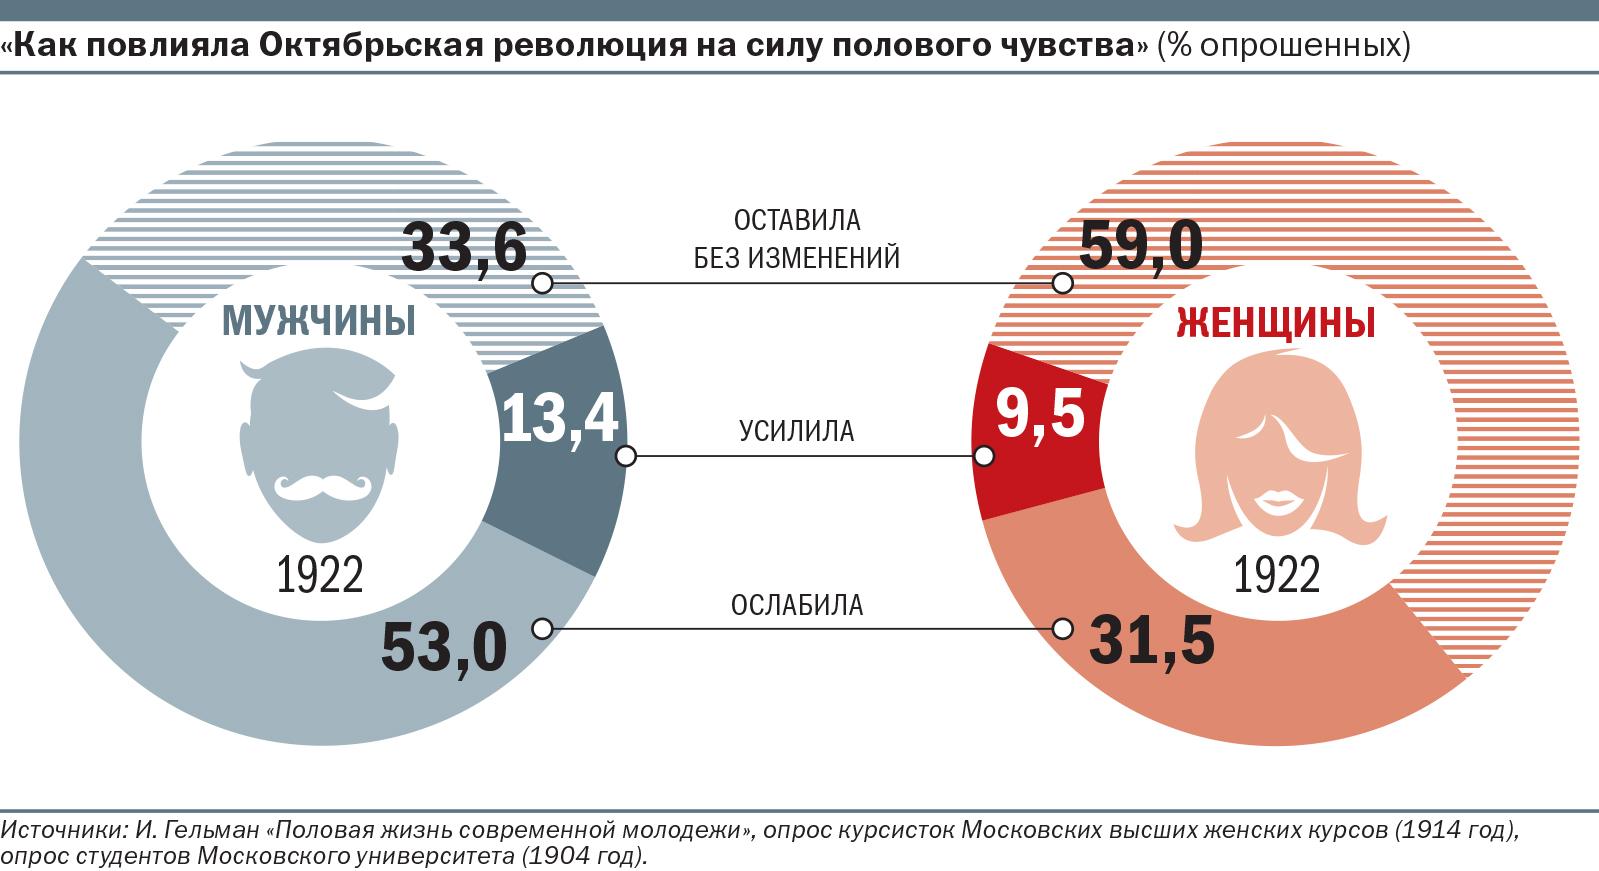 statistika-onanizma